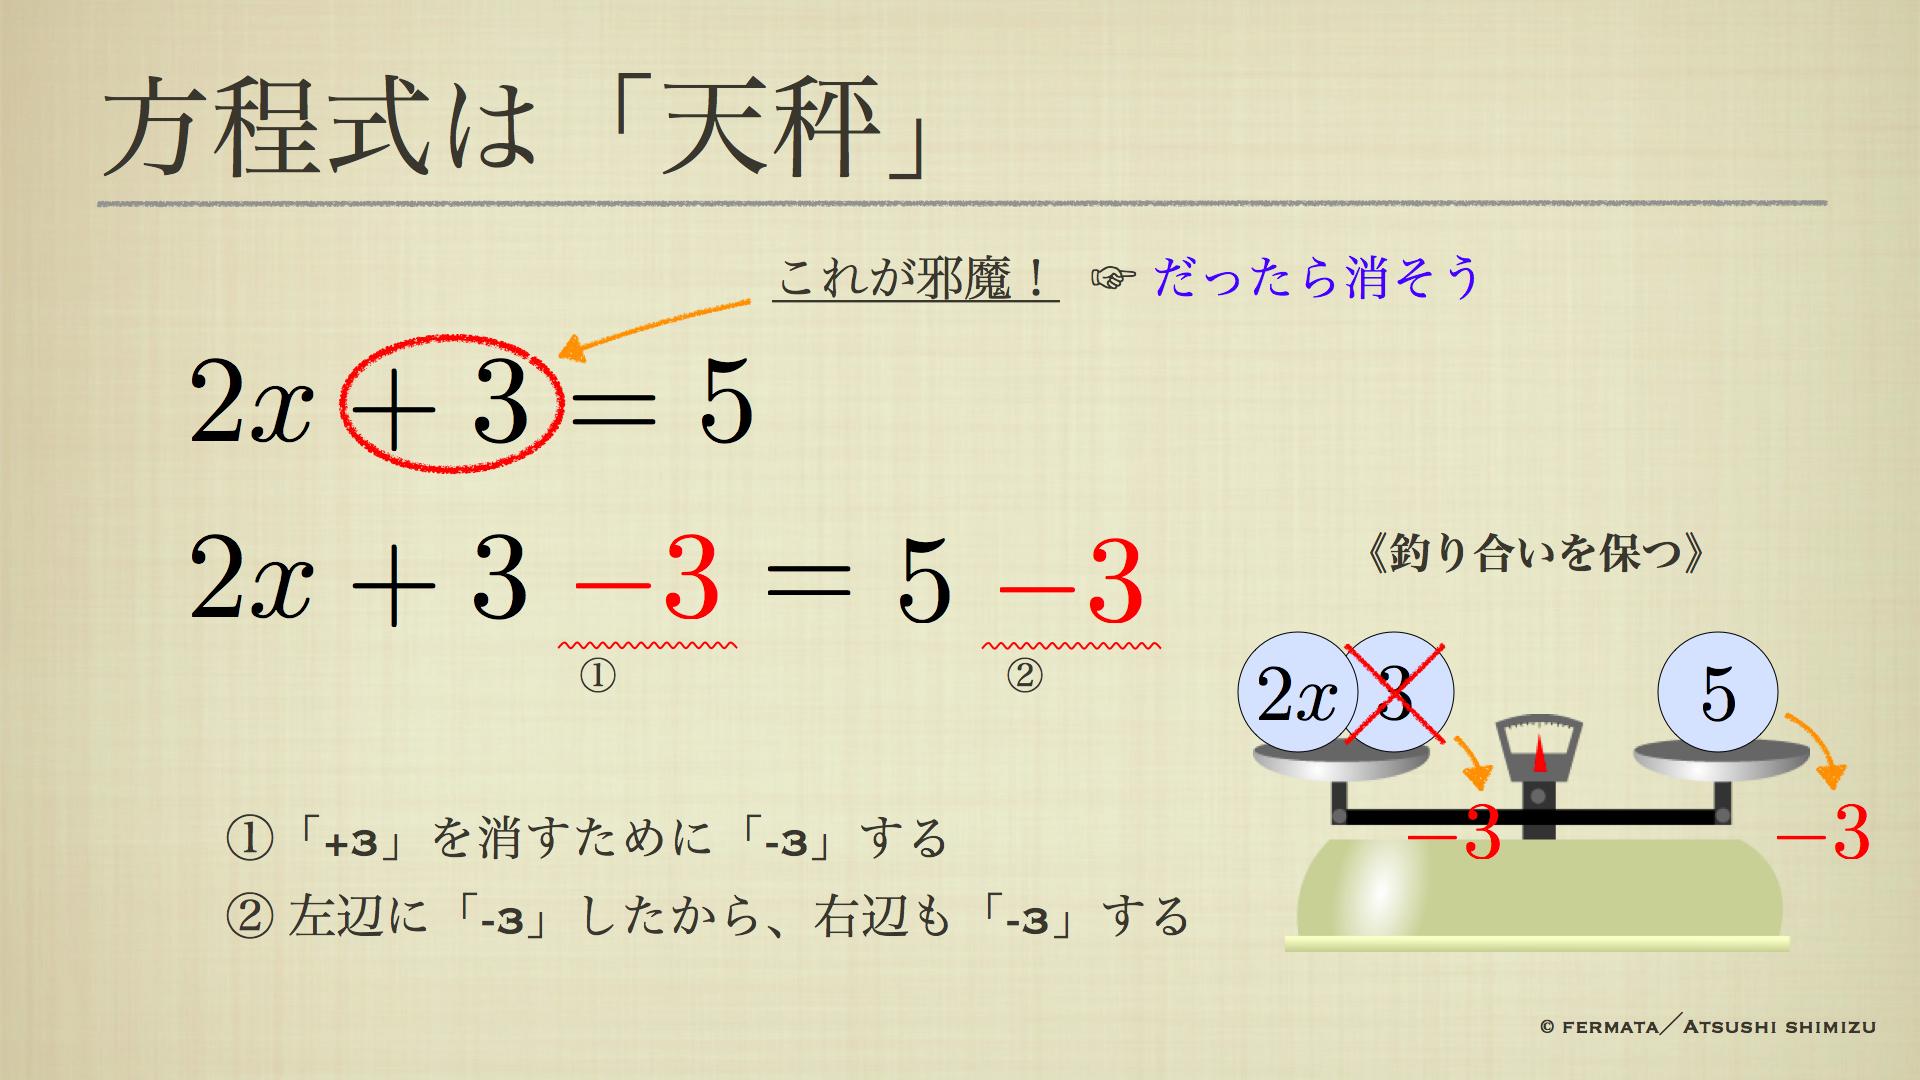 方程式の移項のナゾを解いてみよう